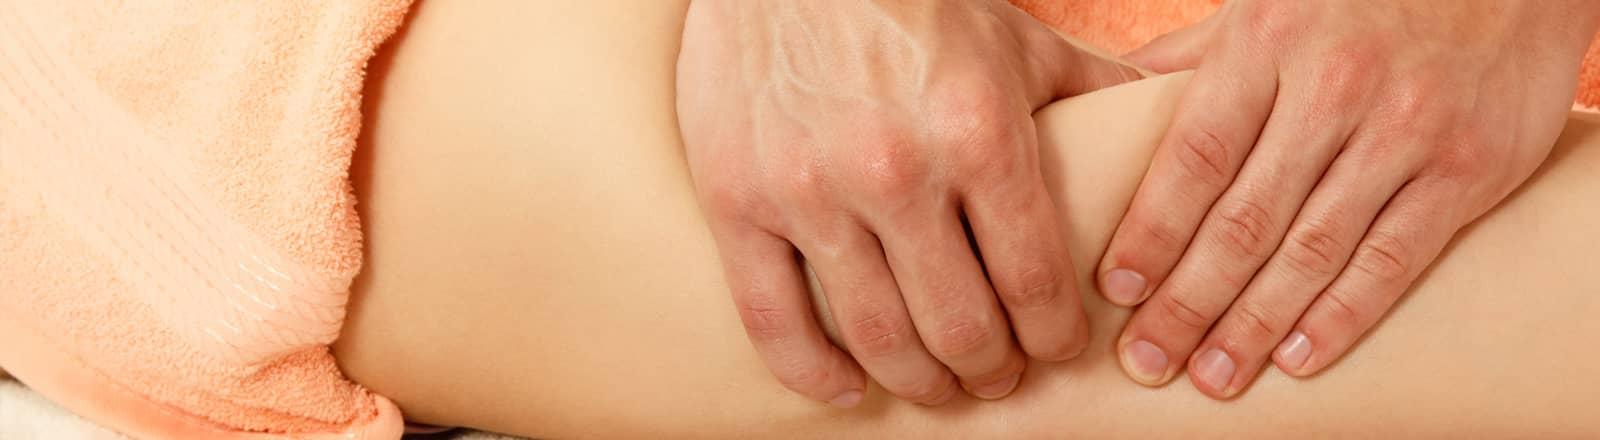 preparacion pre competicion masaje